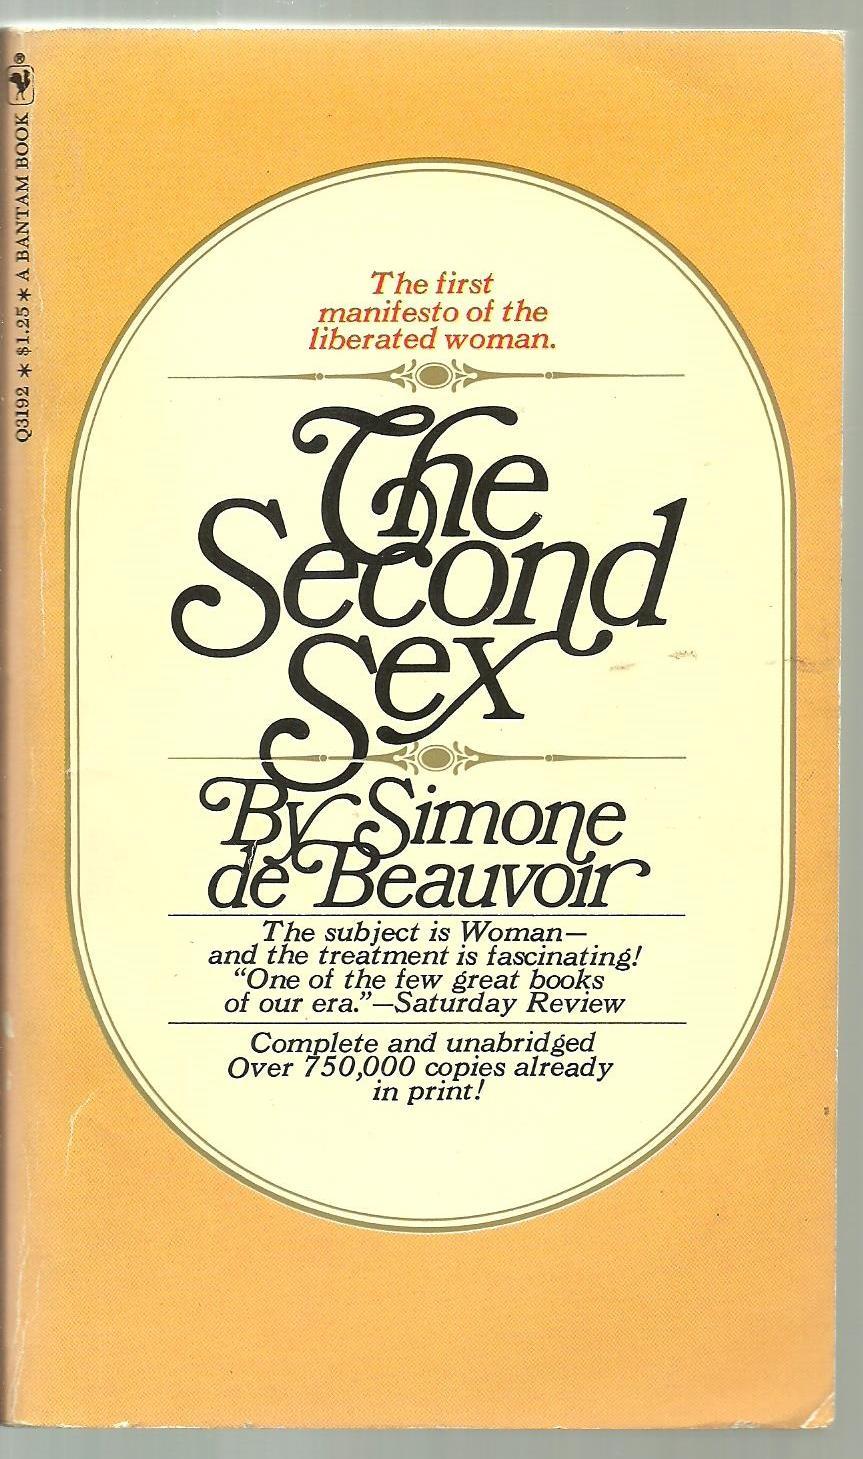 Regret, that second sex simone de beauvoir think, that